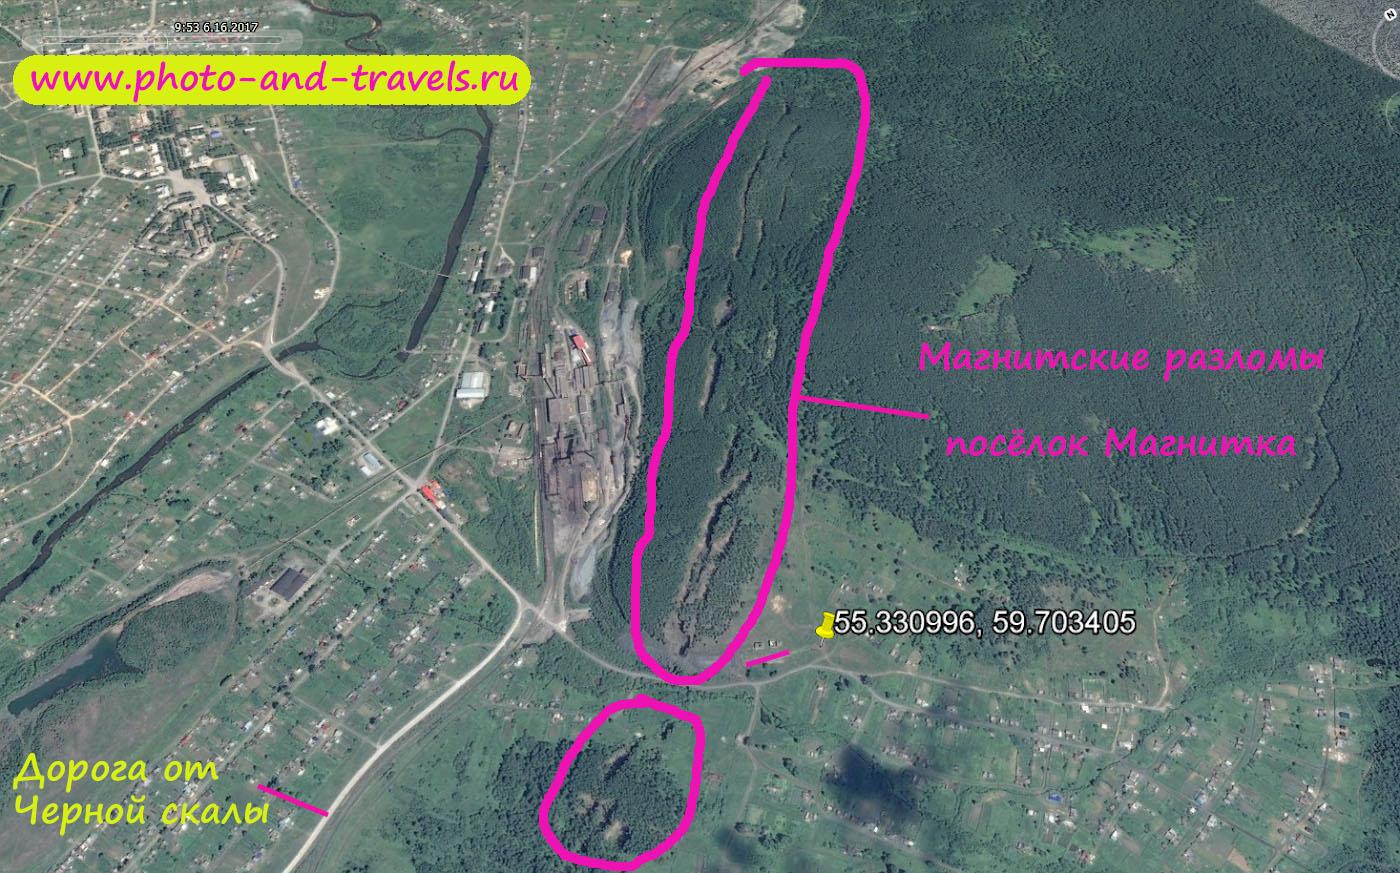 Карта со схемой расположения Магнитских разломов на окраине поселка Магнитка, что рядом с Центральной усадьбой национального парка Таганай.